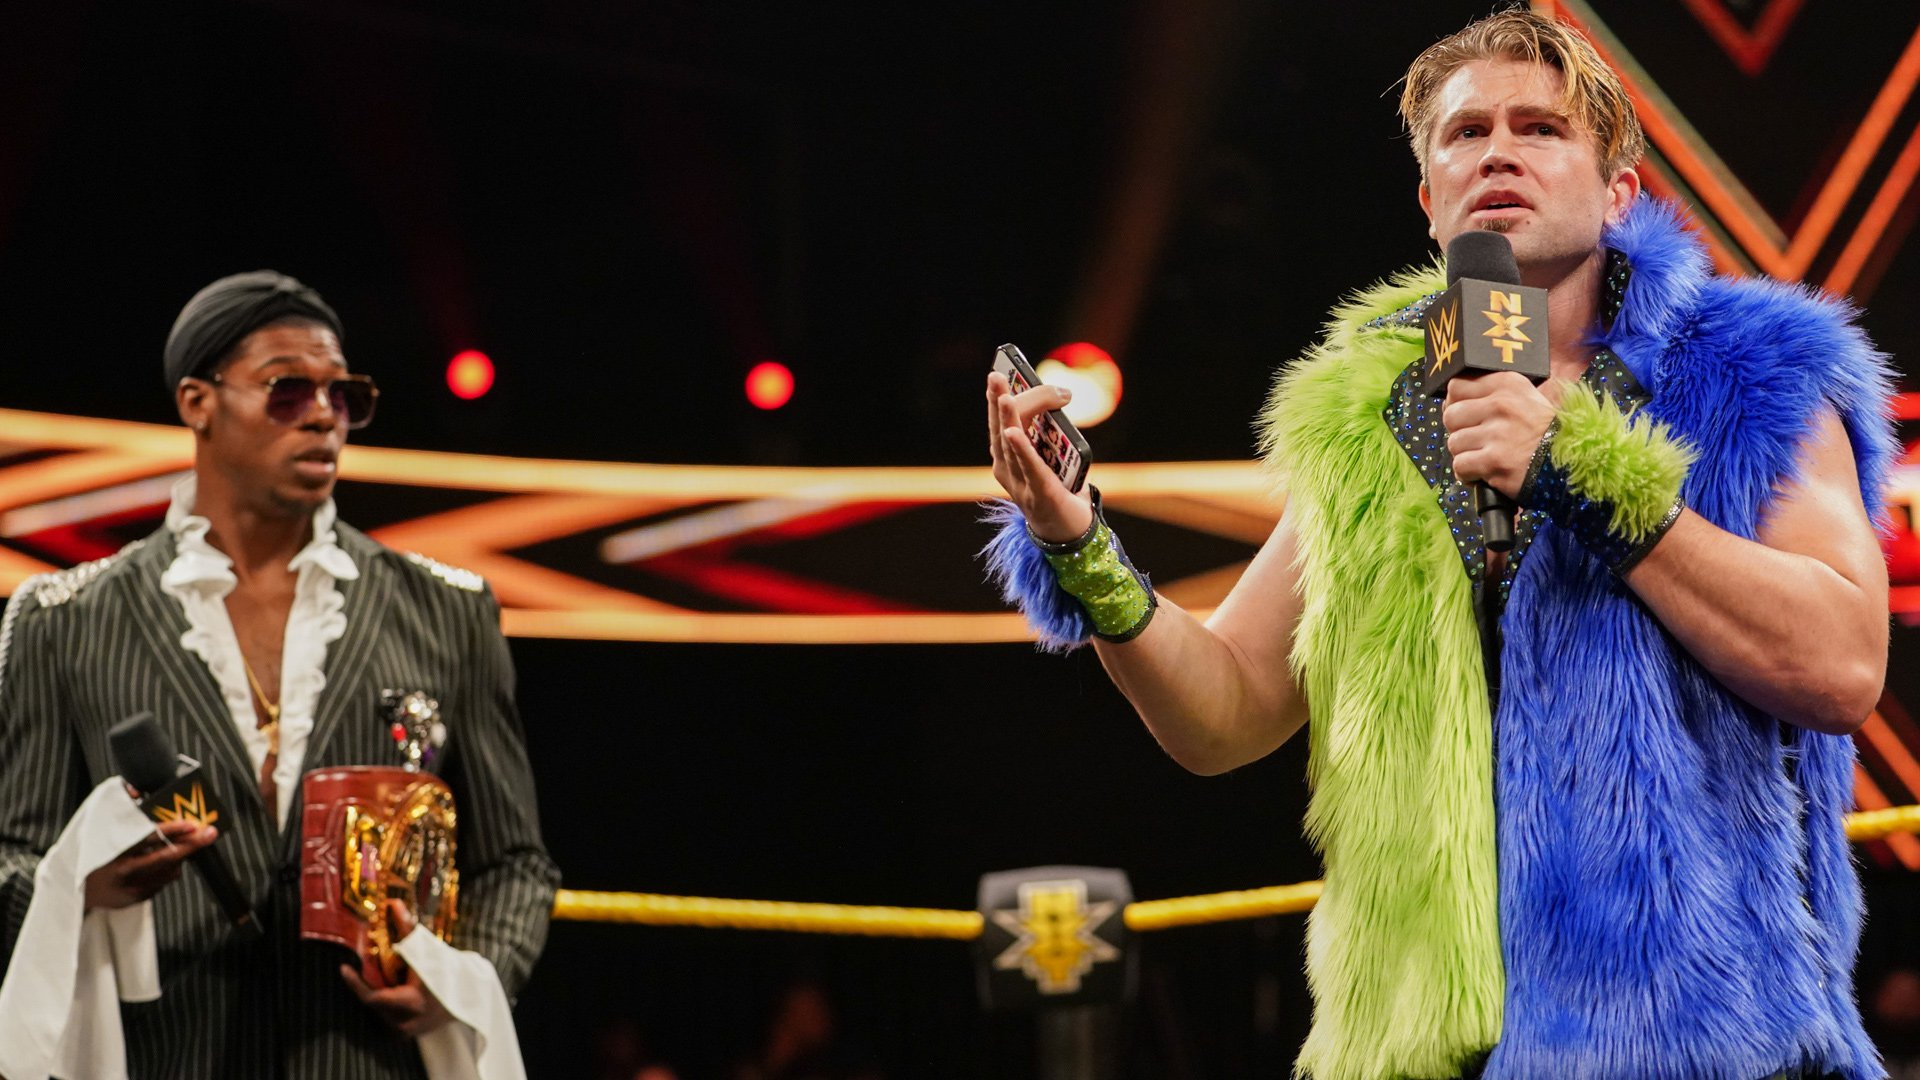 Tyler Breeze revient à NXT avec une surprise pour Velveteen Dream: WWE NXT, 22 Mai 2019